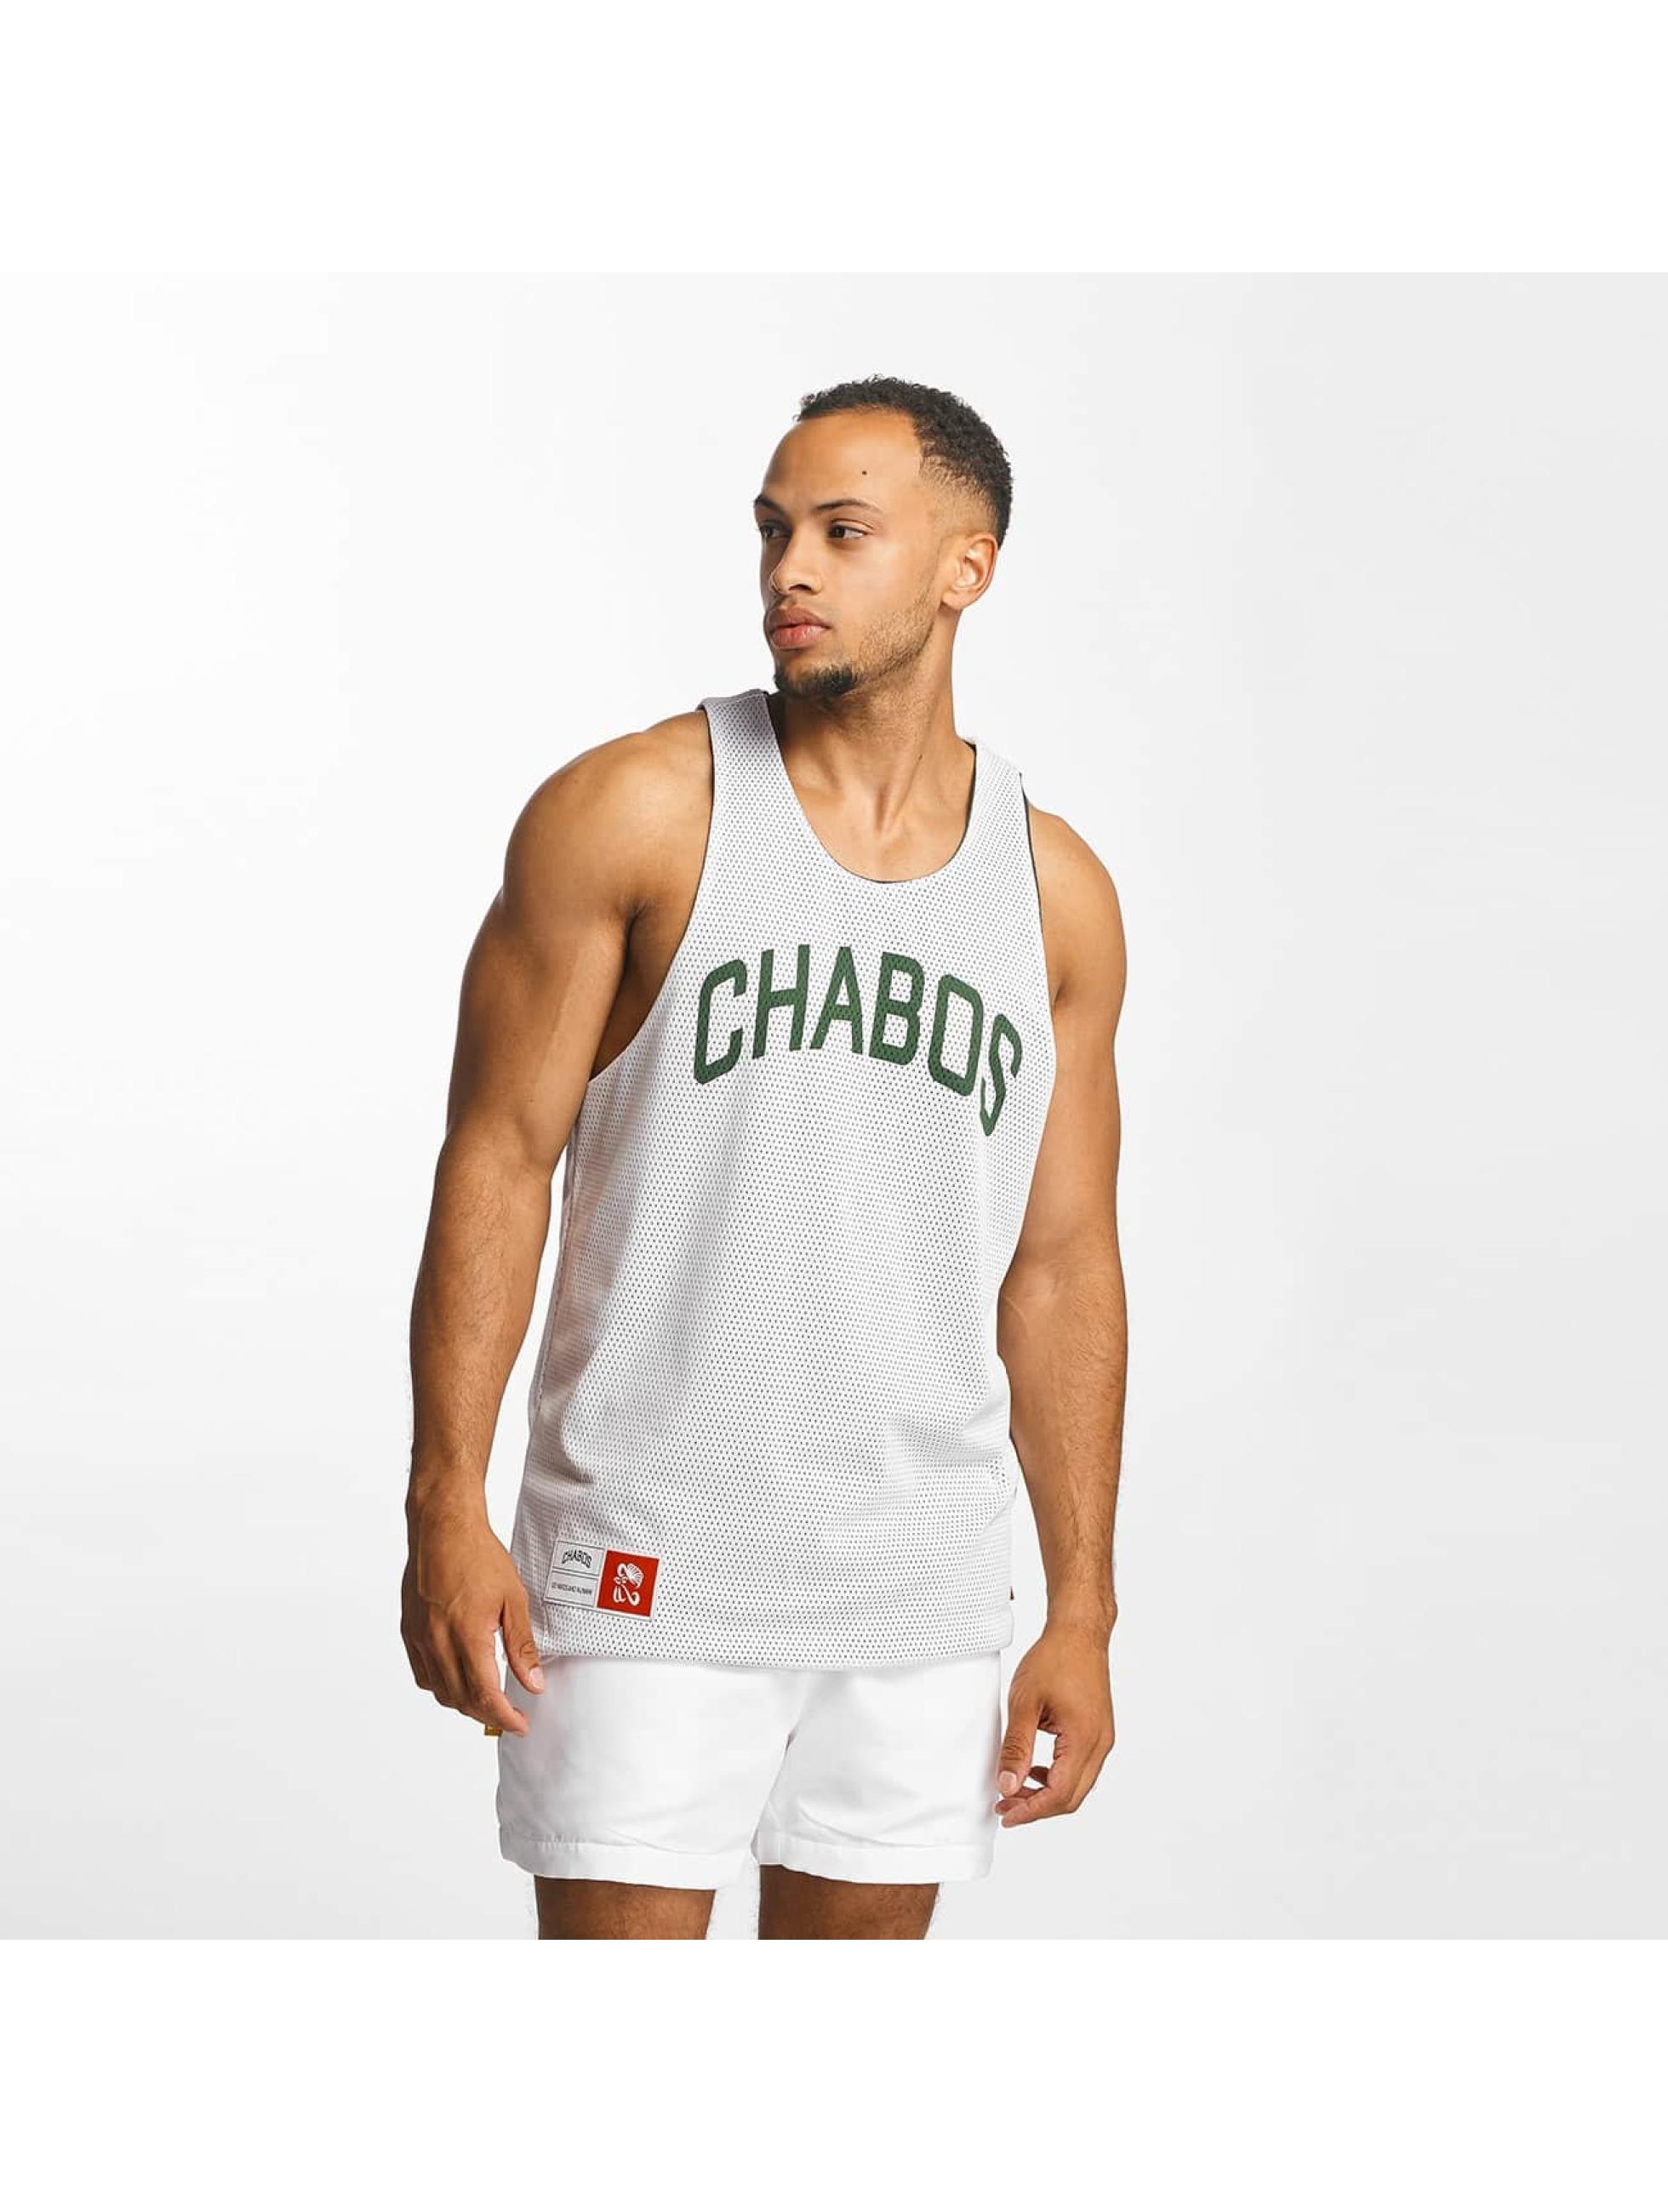 CHABOS IIVII Tank Tops Reversible Mesh Jersey vihreä